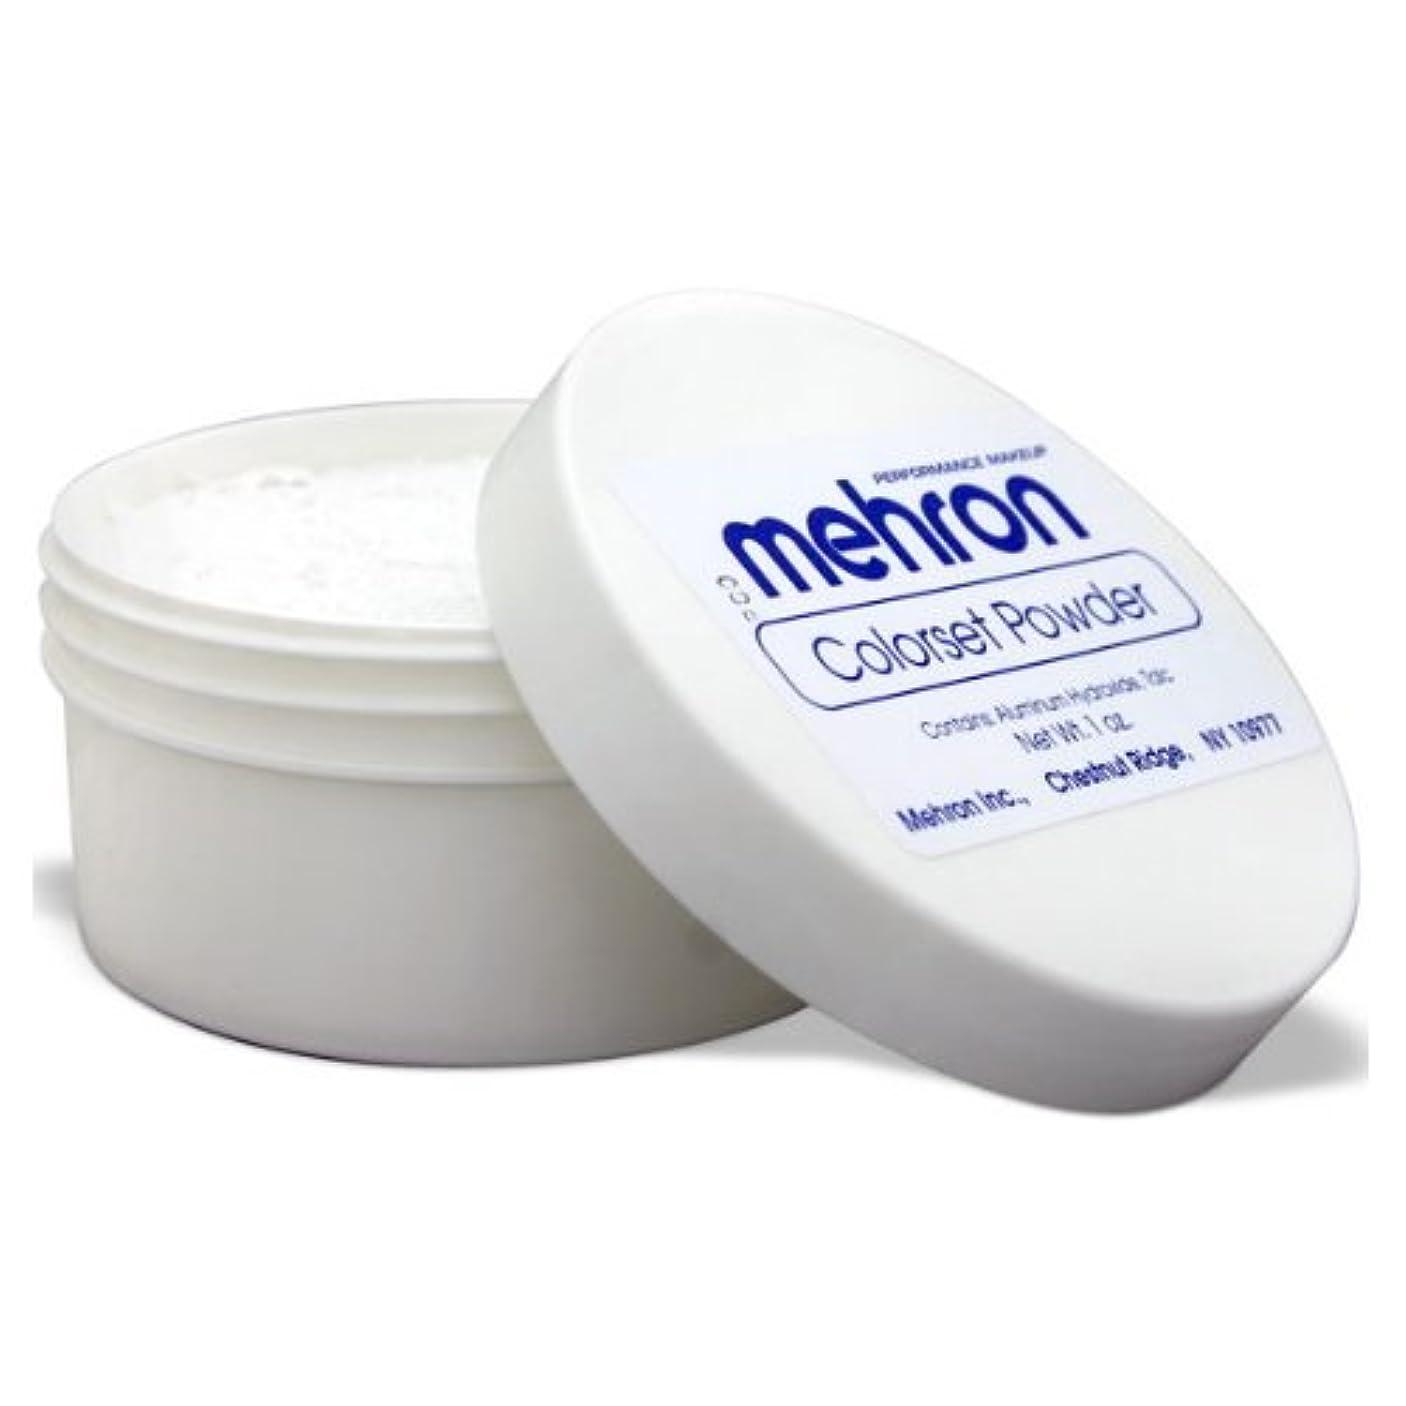 スロベニア構想するテニス(3 Pack) mehron Colorset Powder - Translucent (並行輸入品)